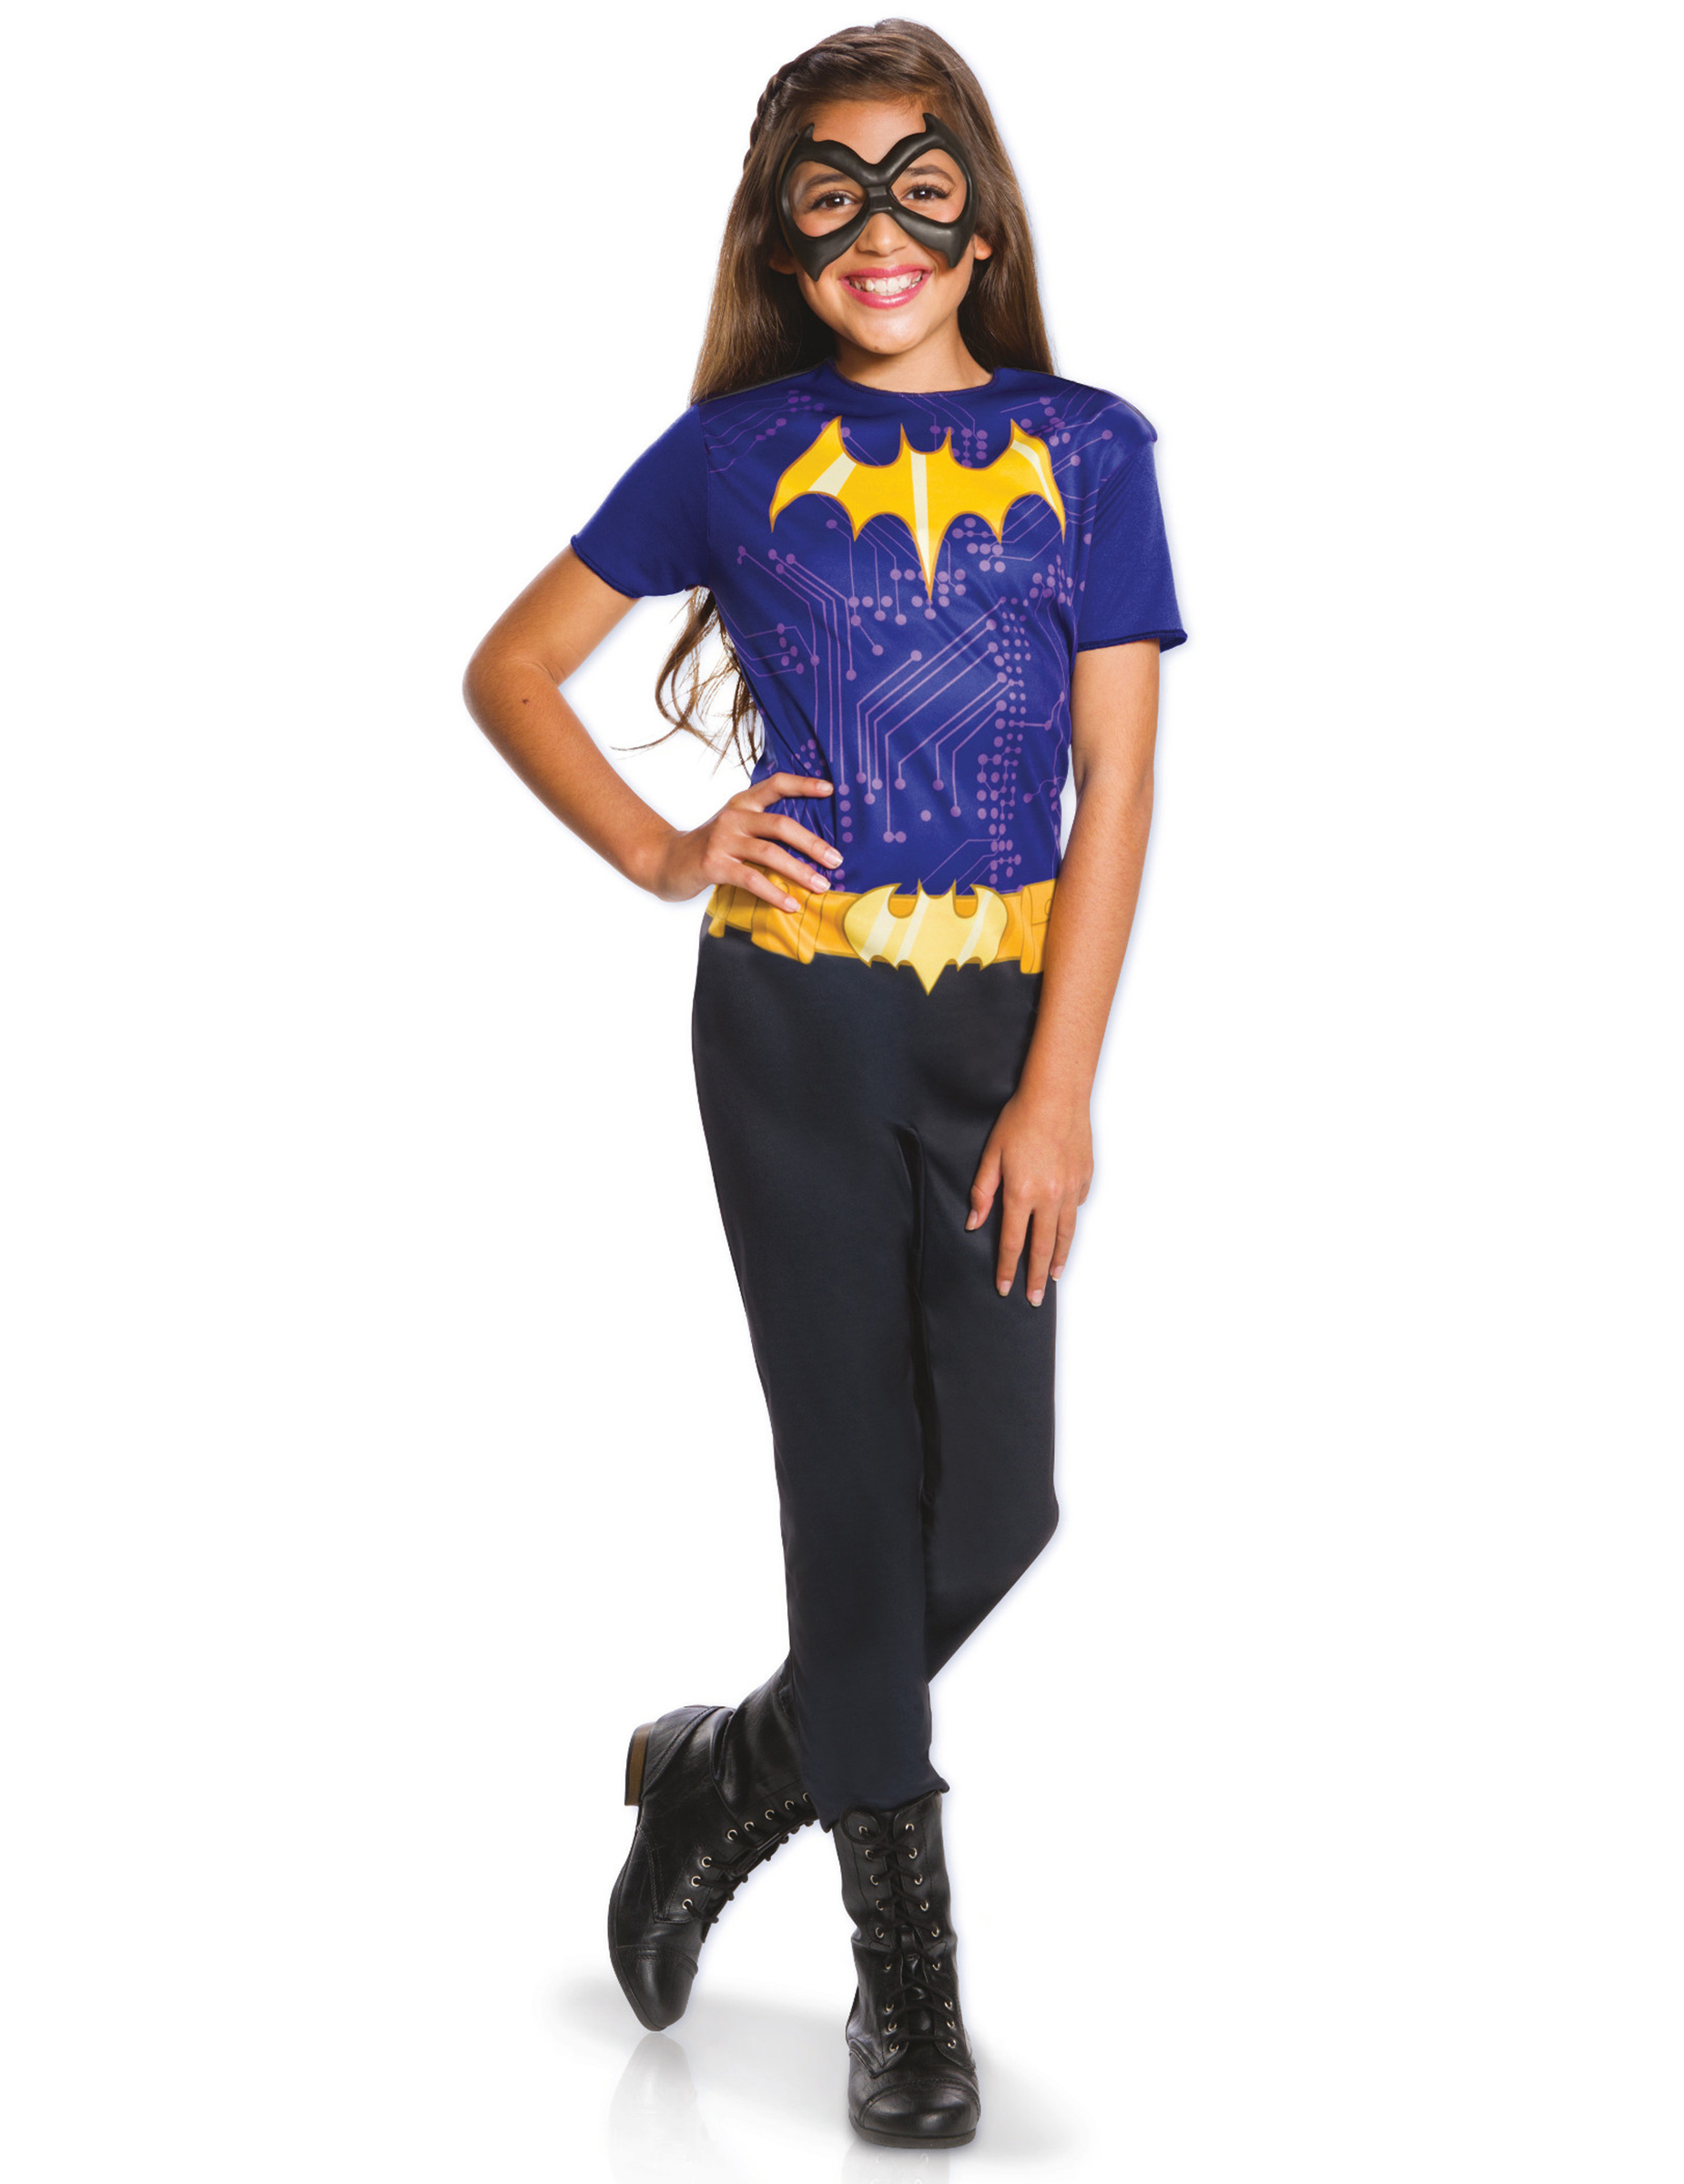 fantasia batgirl Simples